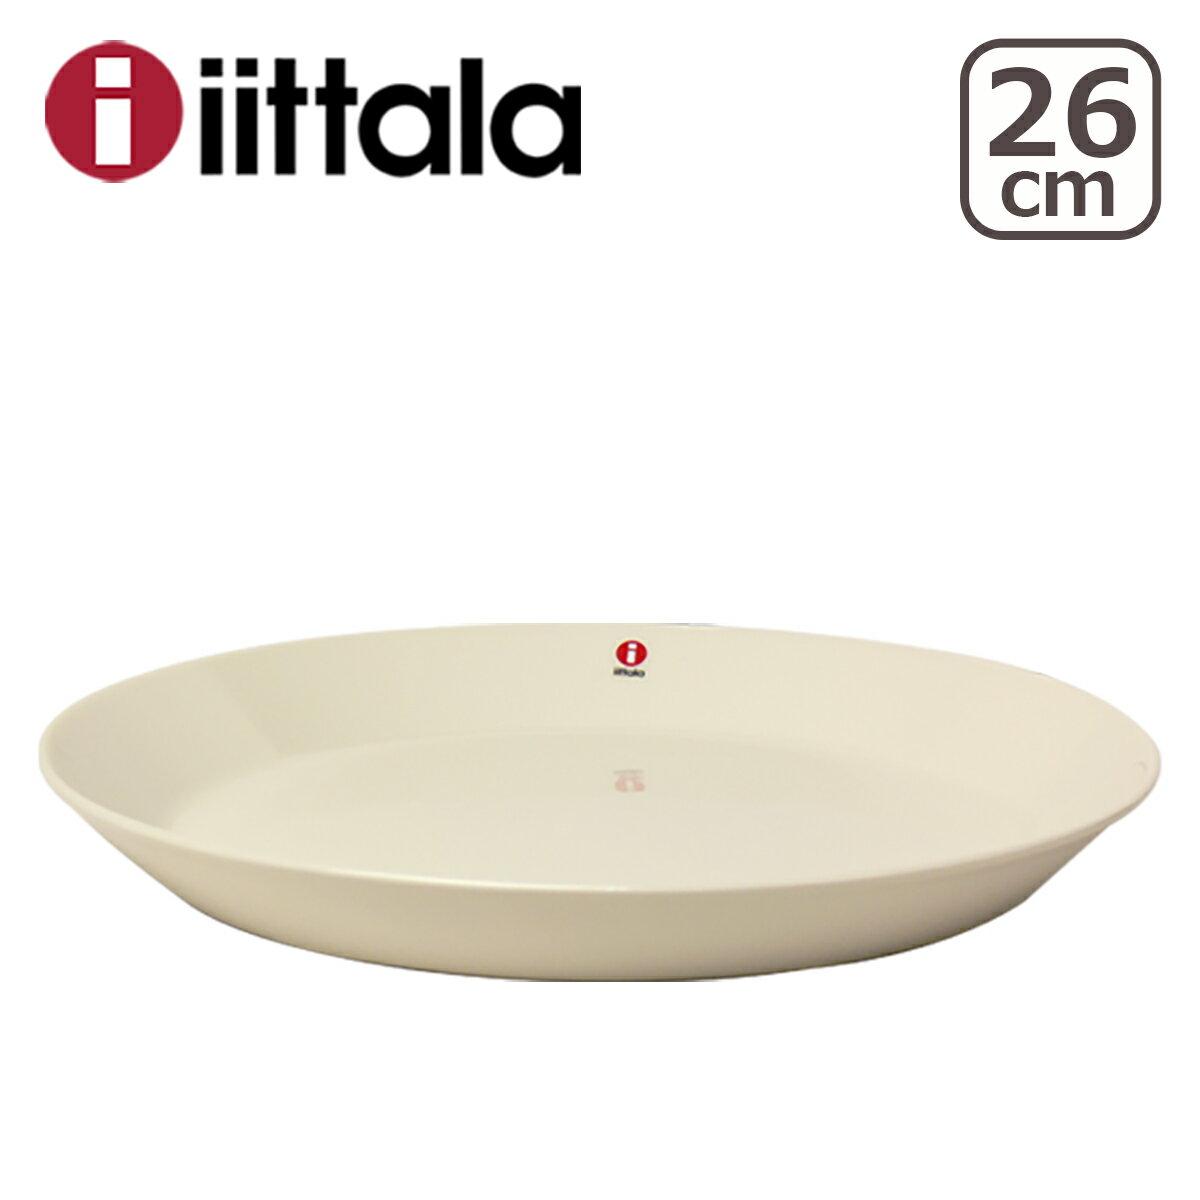 イッタラ iittala ティーマ TEEMA 26cm プレート ホワイト 白皿♪ 北欧 フィンランド 食器 【ittala】